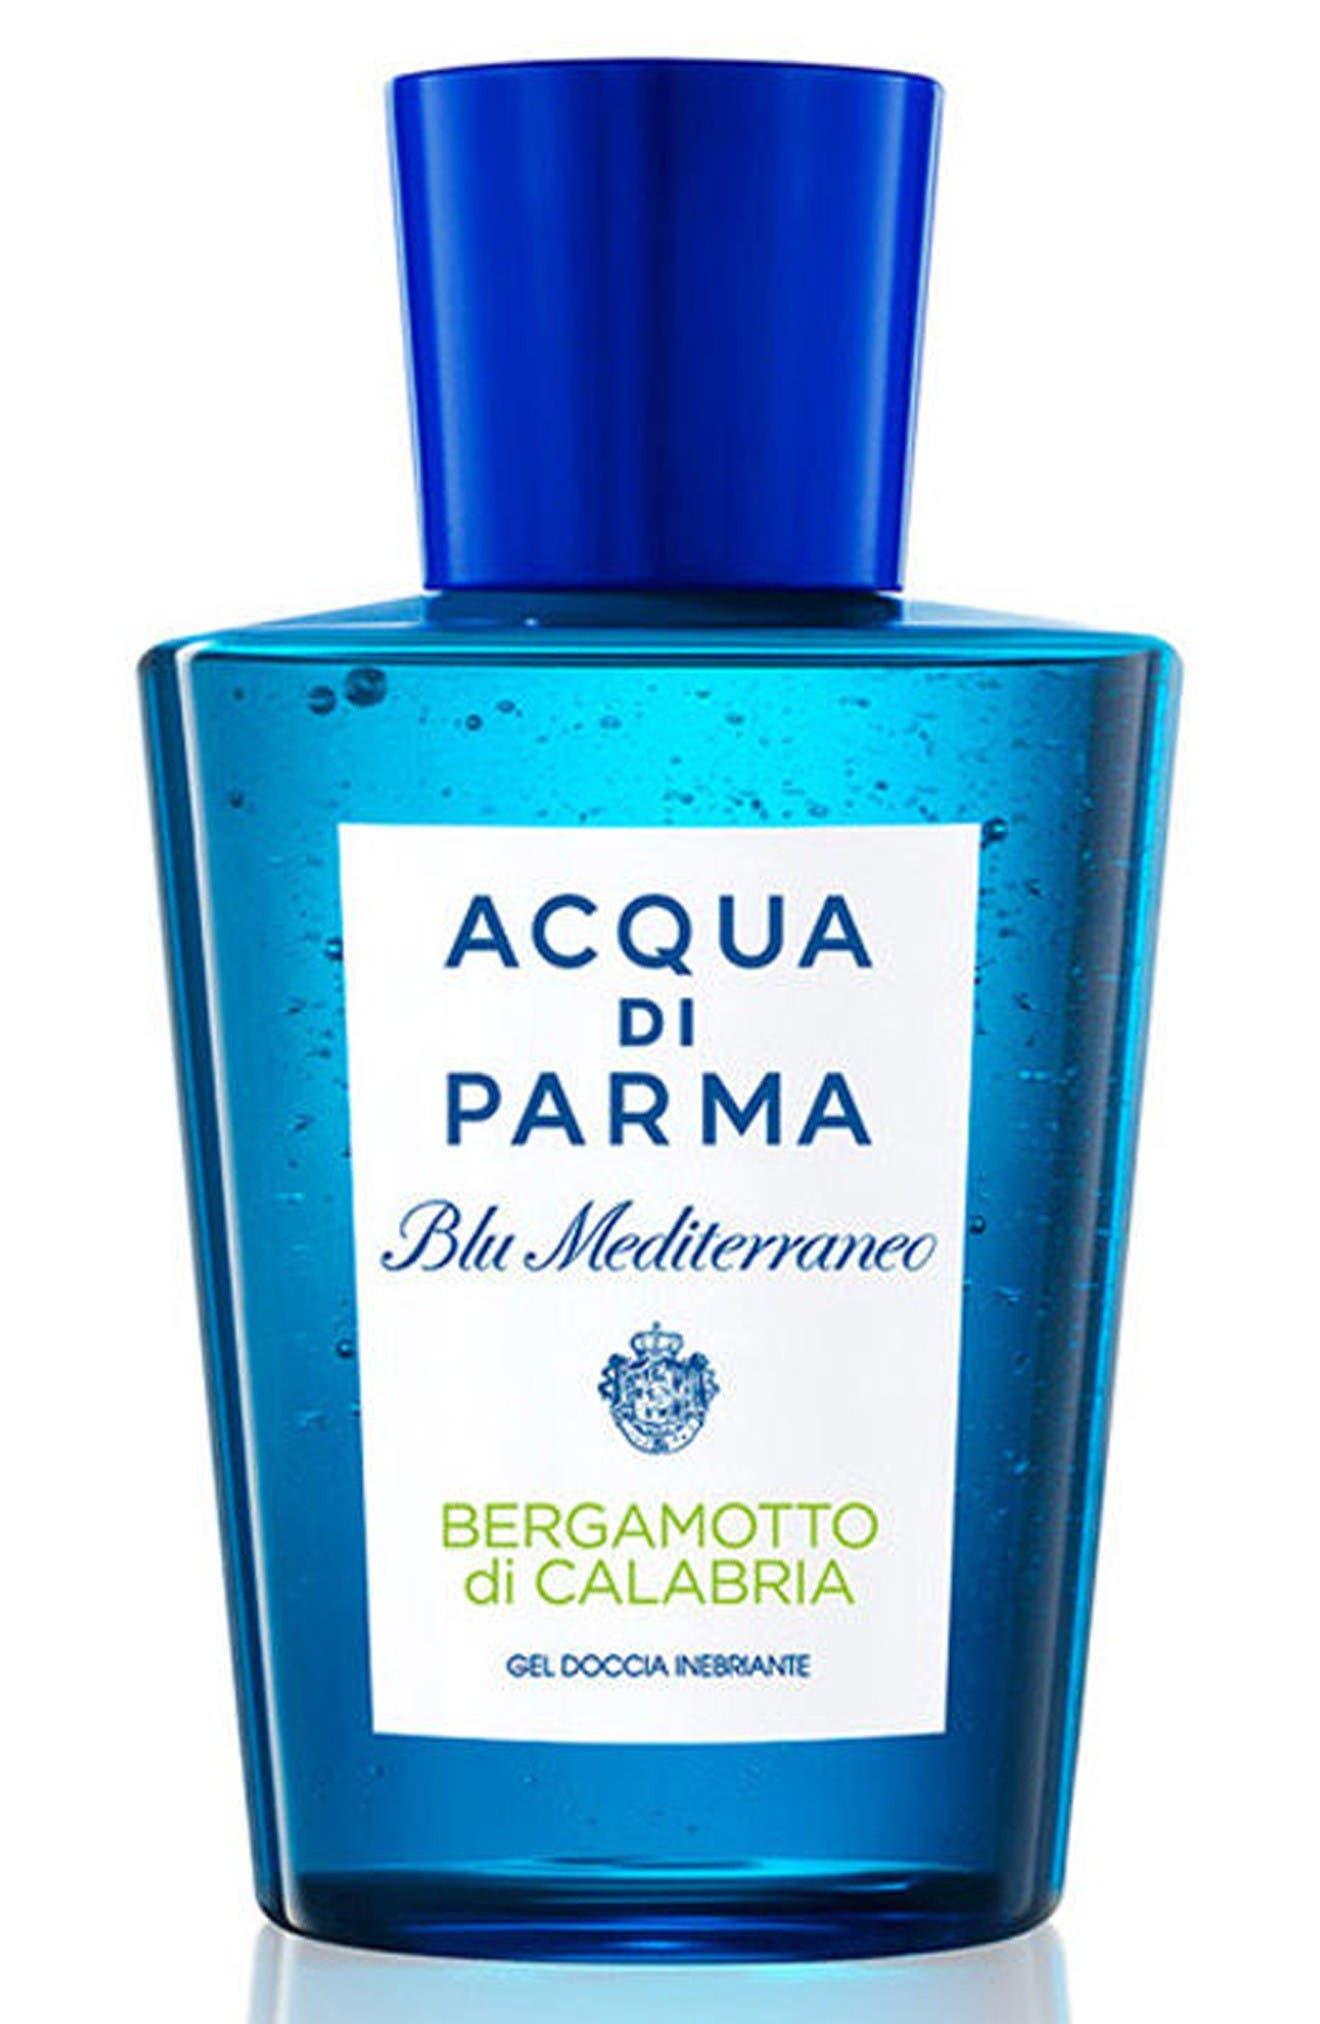 ACQUA DI PARMA 'Blu Mediterraneo - Bergamotto di